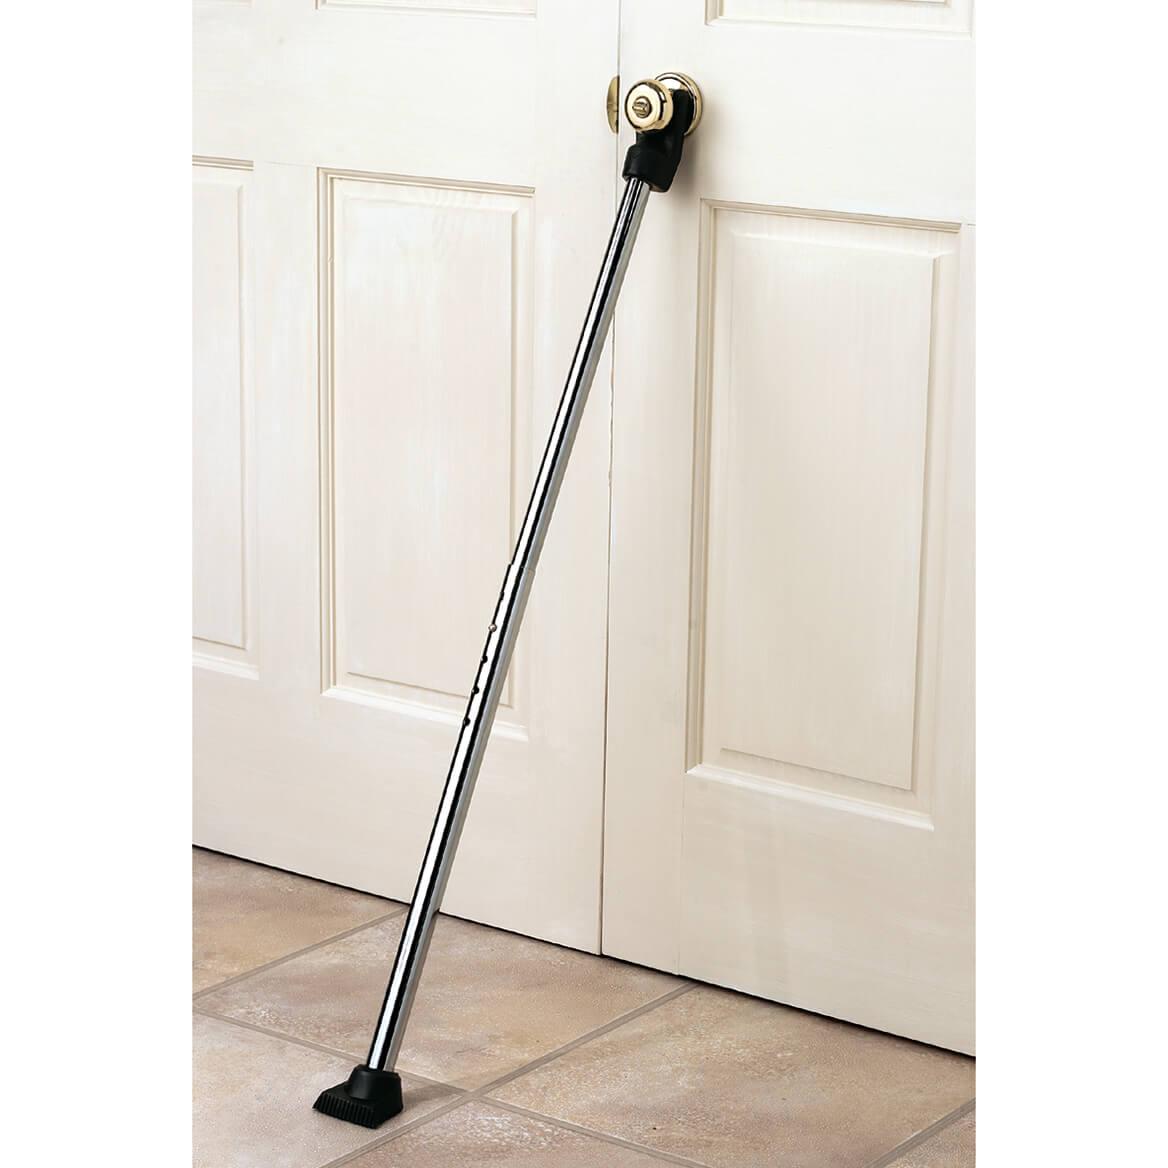 Door Security Bar-310603